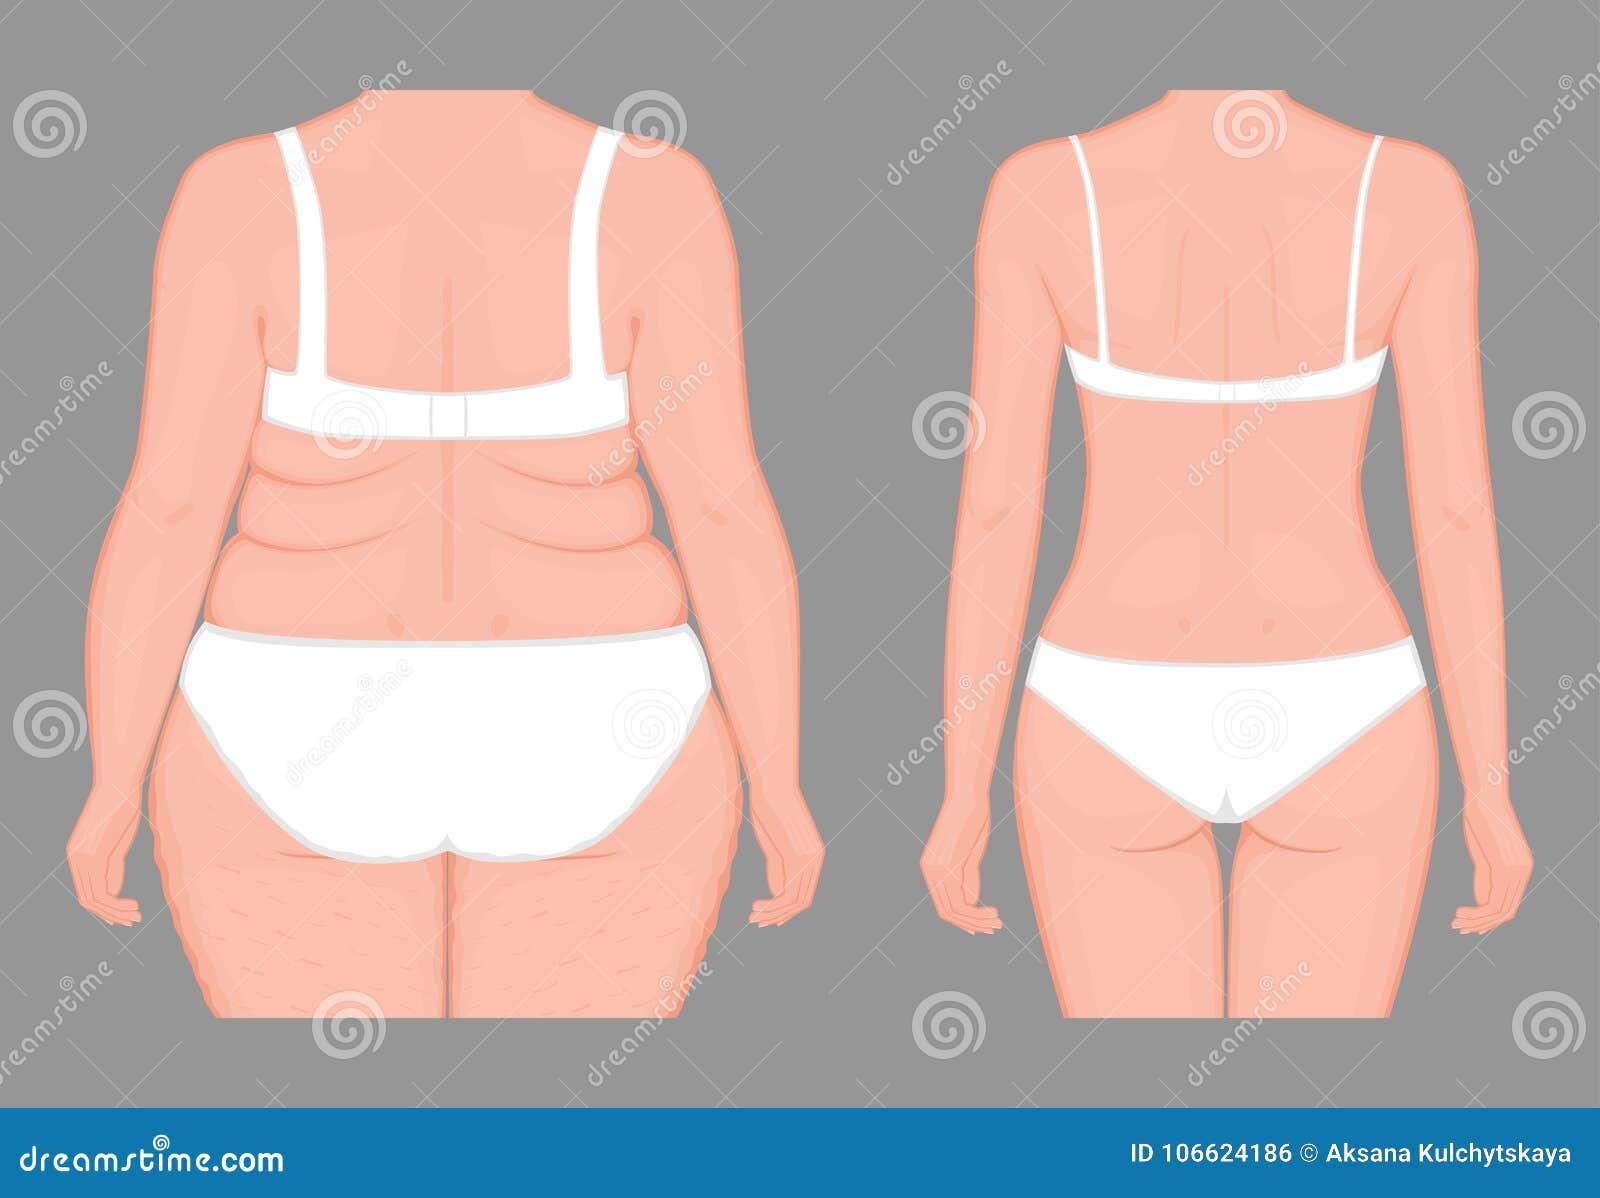 programmi di perdita di peso humana